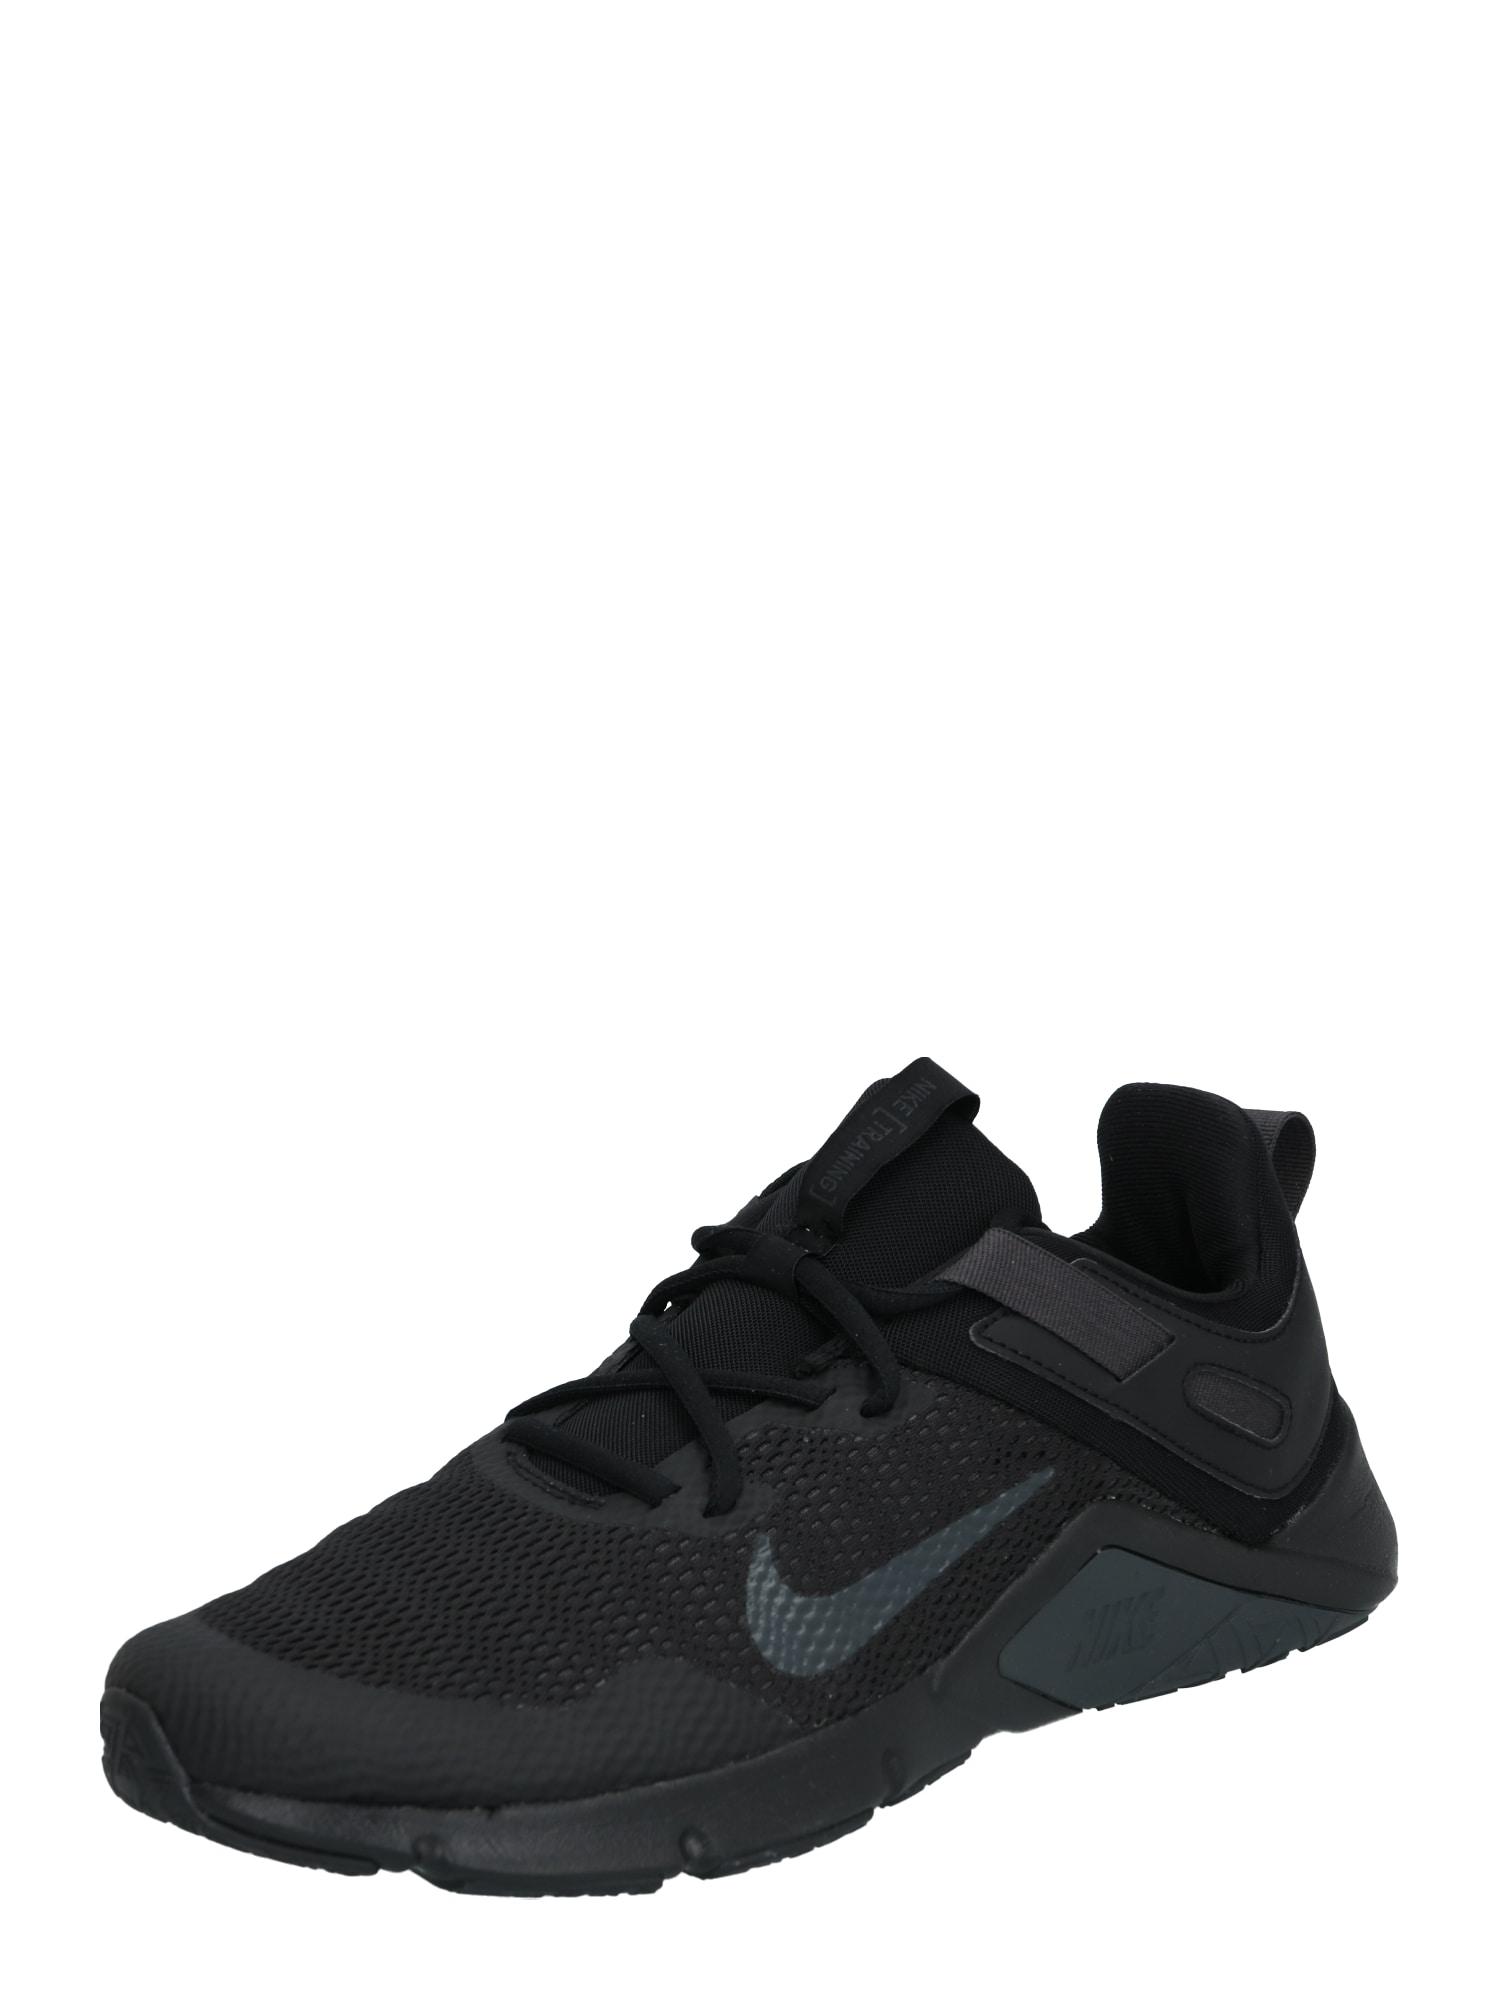 NIKE Sportiniai batai 'Legend' juoda